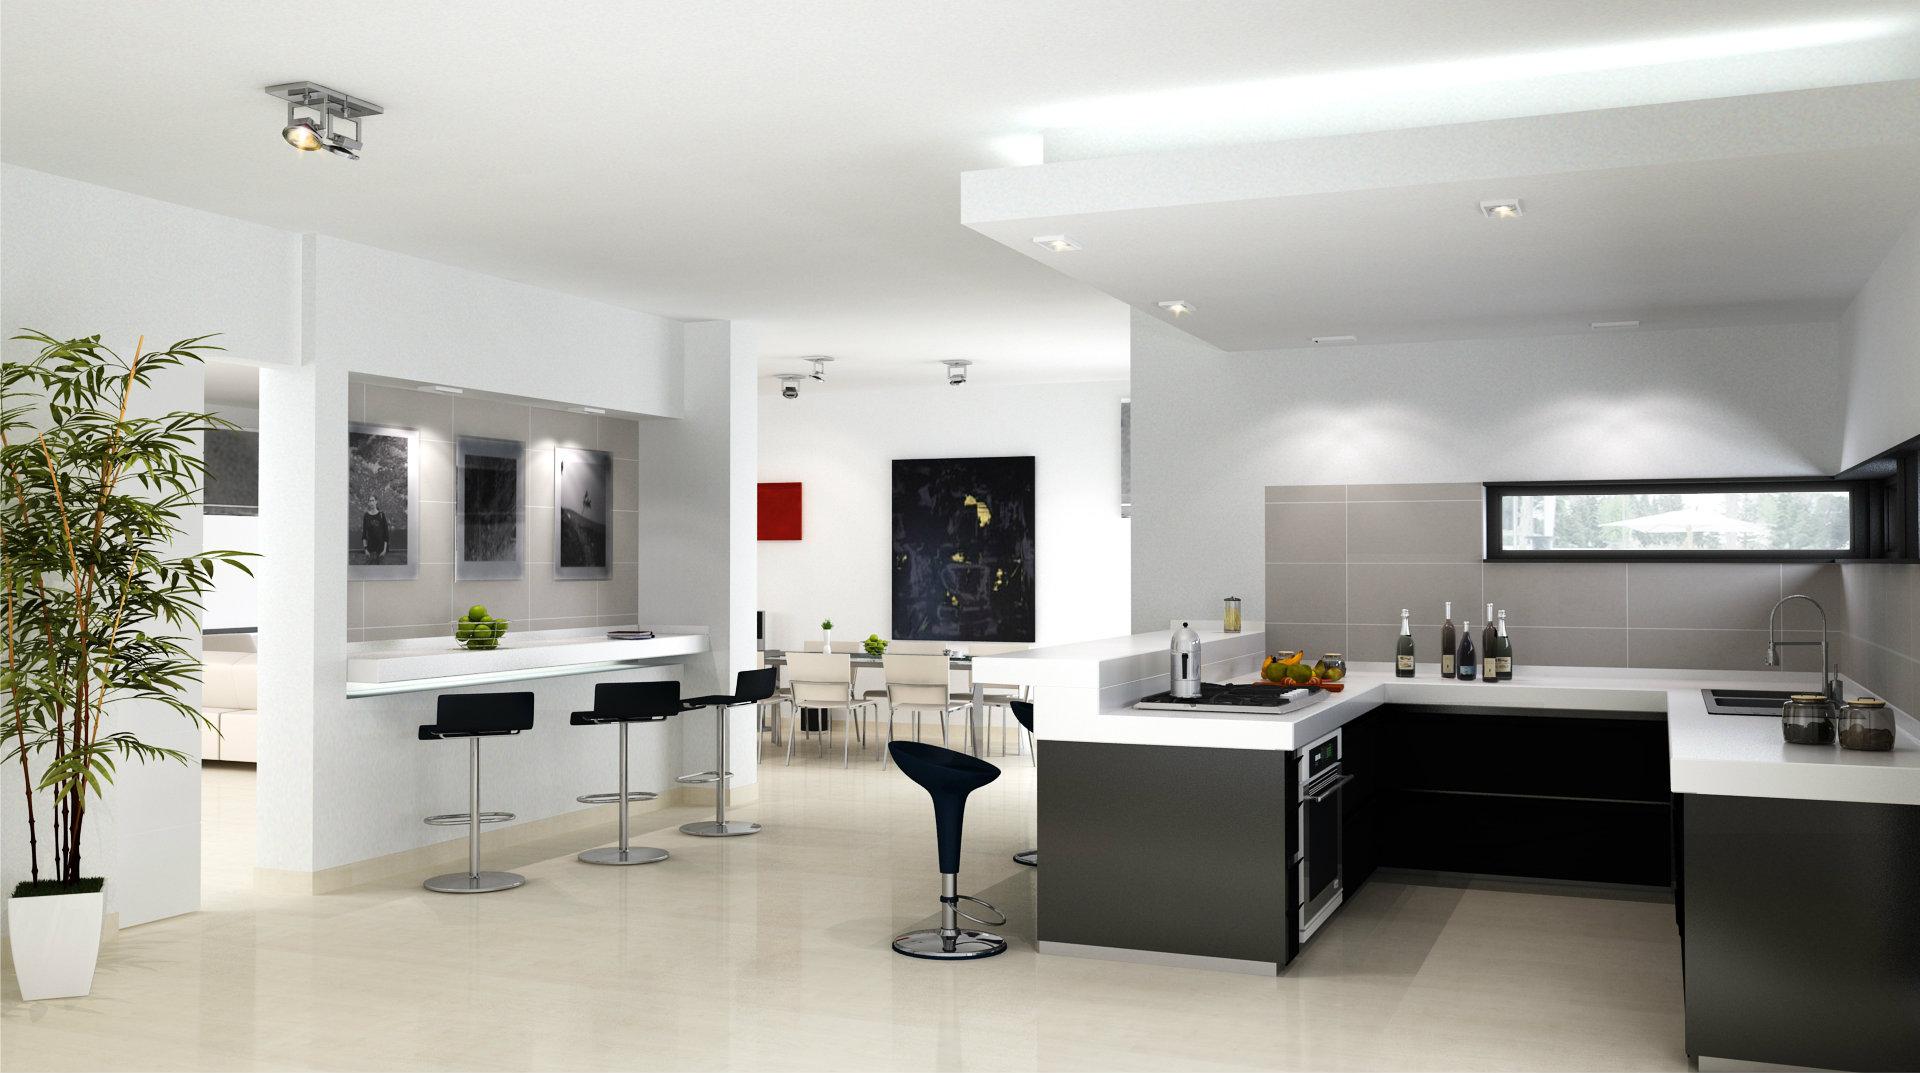 Gi arrendadora - Arquitectos de interiores ...